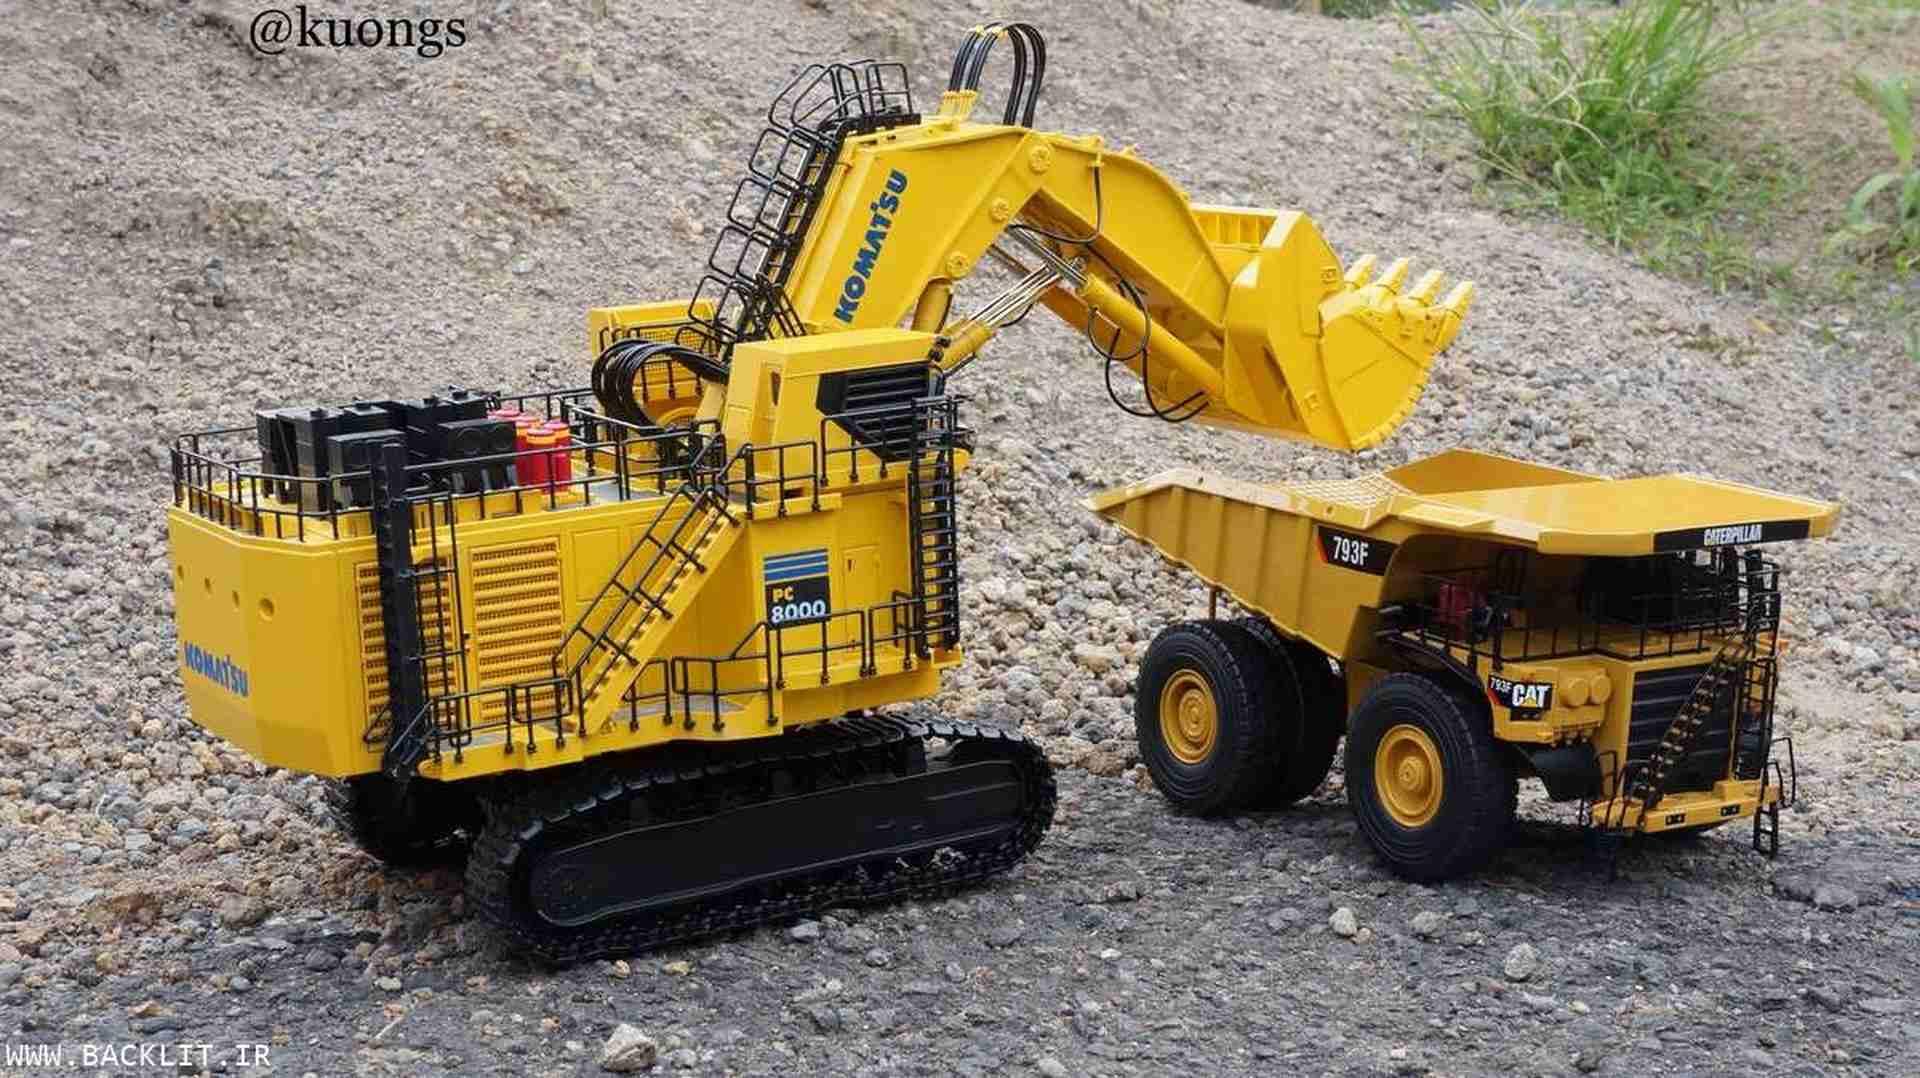 قاب ماشین آلات صنعتی 98